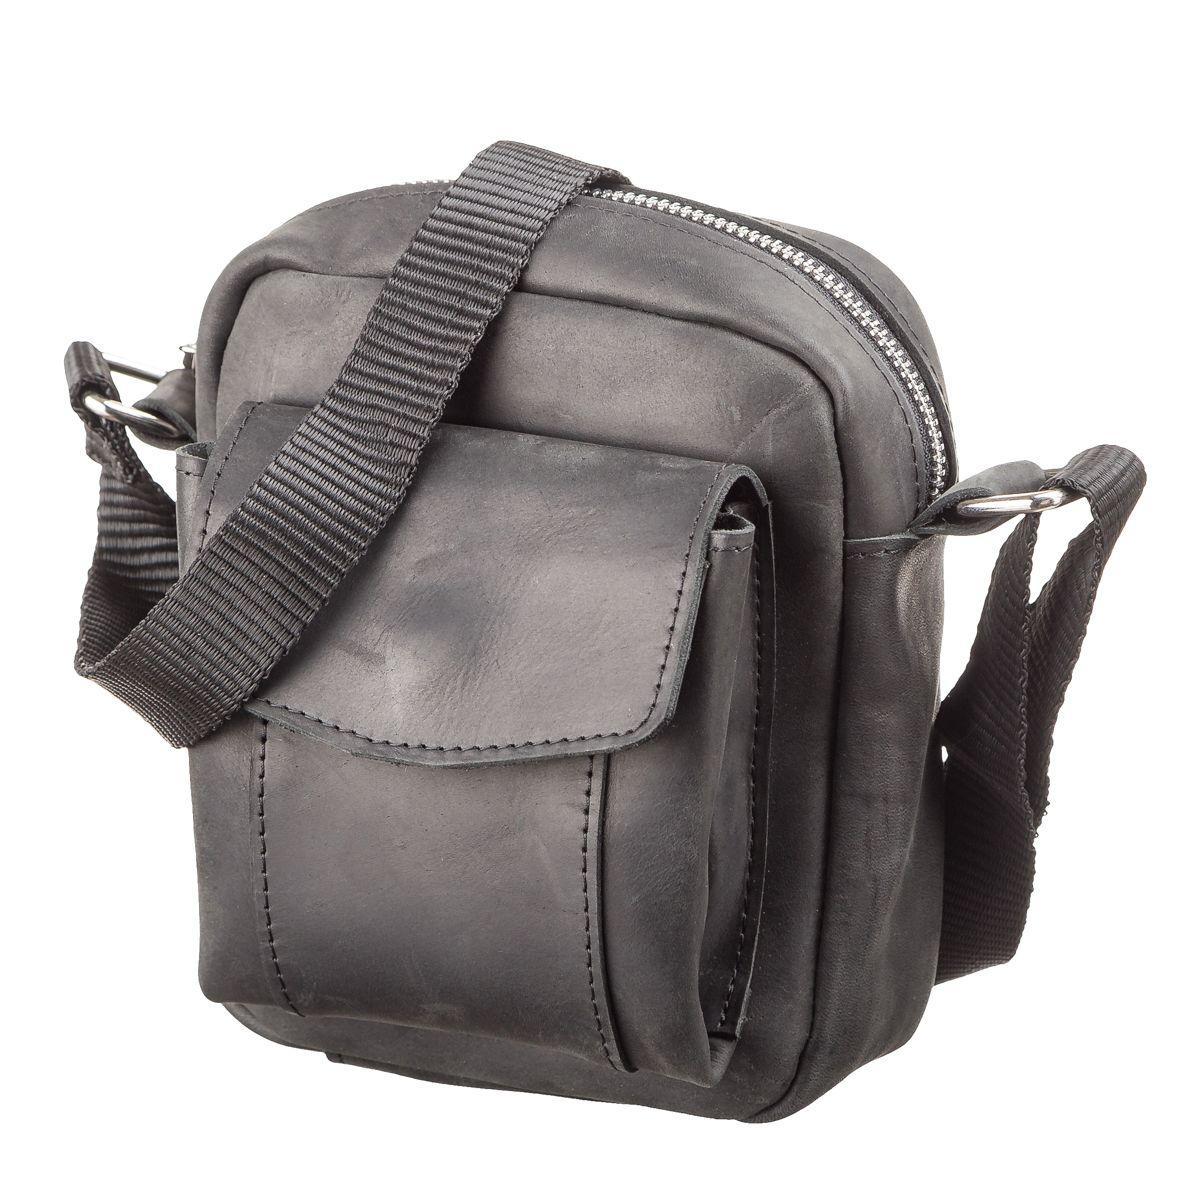 5ce50cdc3450 Мужская сумка через плечо SHVIGEL 11076 из винтажной кожи Черная  (Натуральная кожа) - .